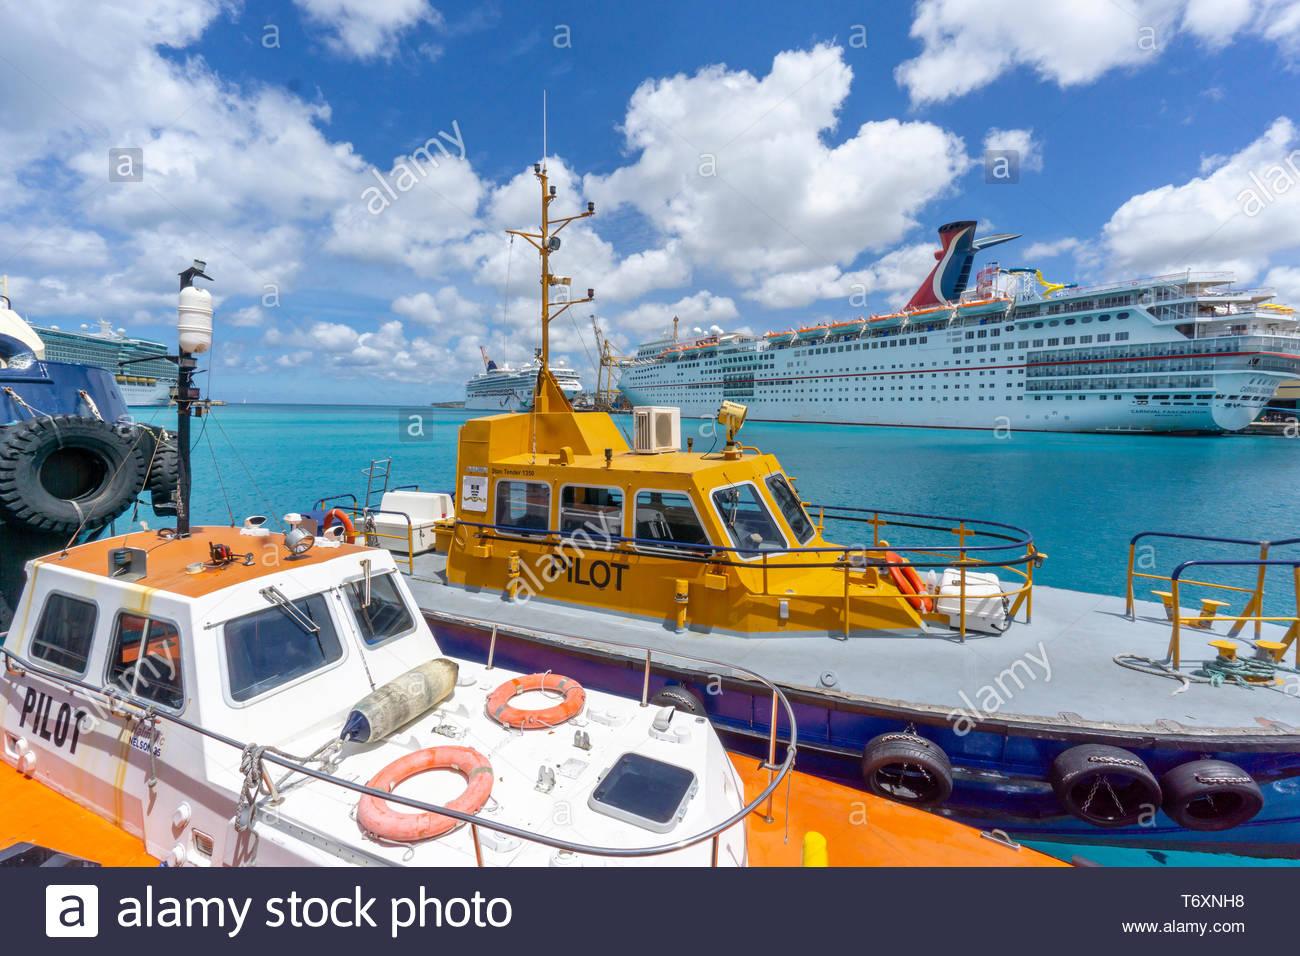 Les navires de croisière et des bateaux dans le port de Bridgetown, à la Barbade, une île royaume de Commonwealth dans l'Atlantique Nord dans la région des Caraïbes. Banque D'Images